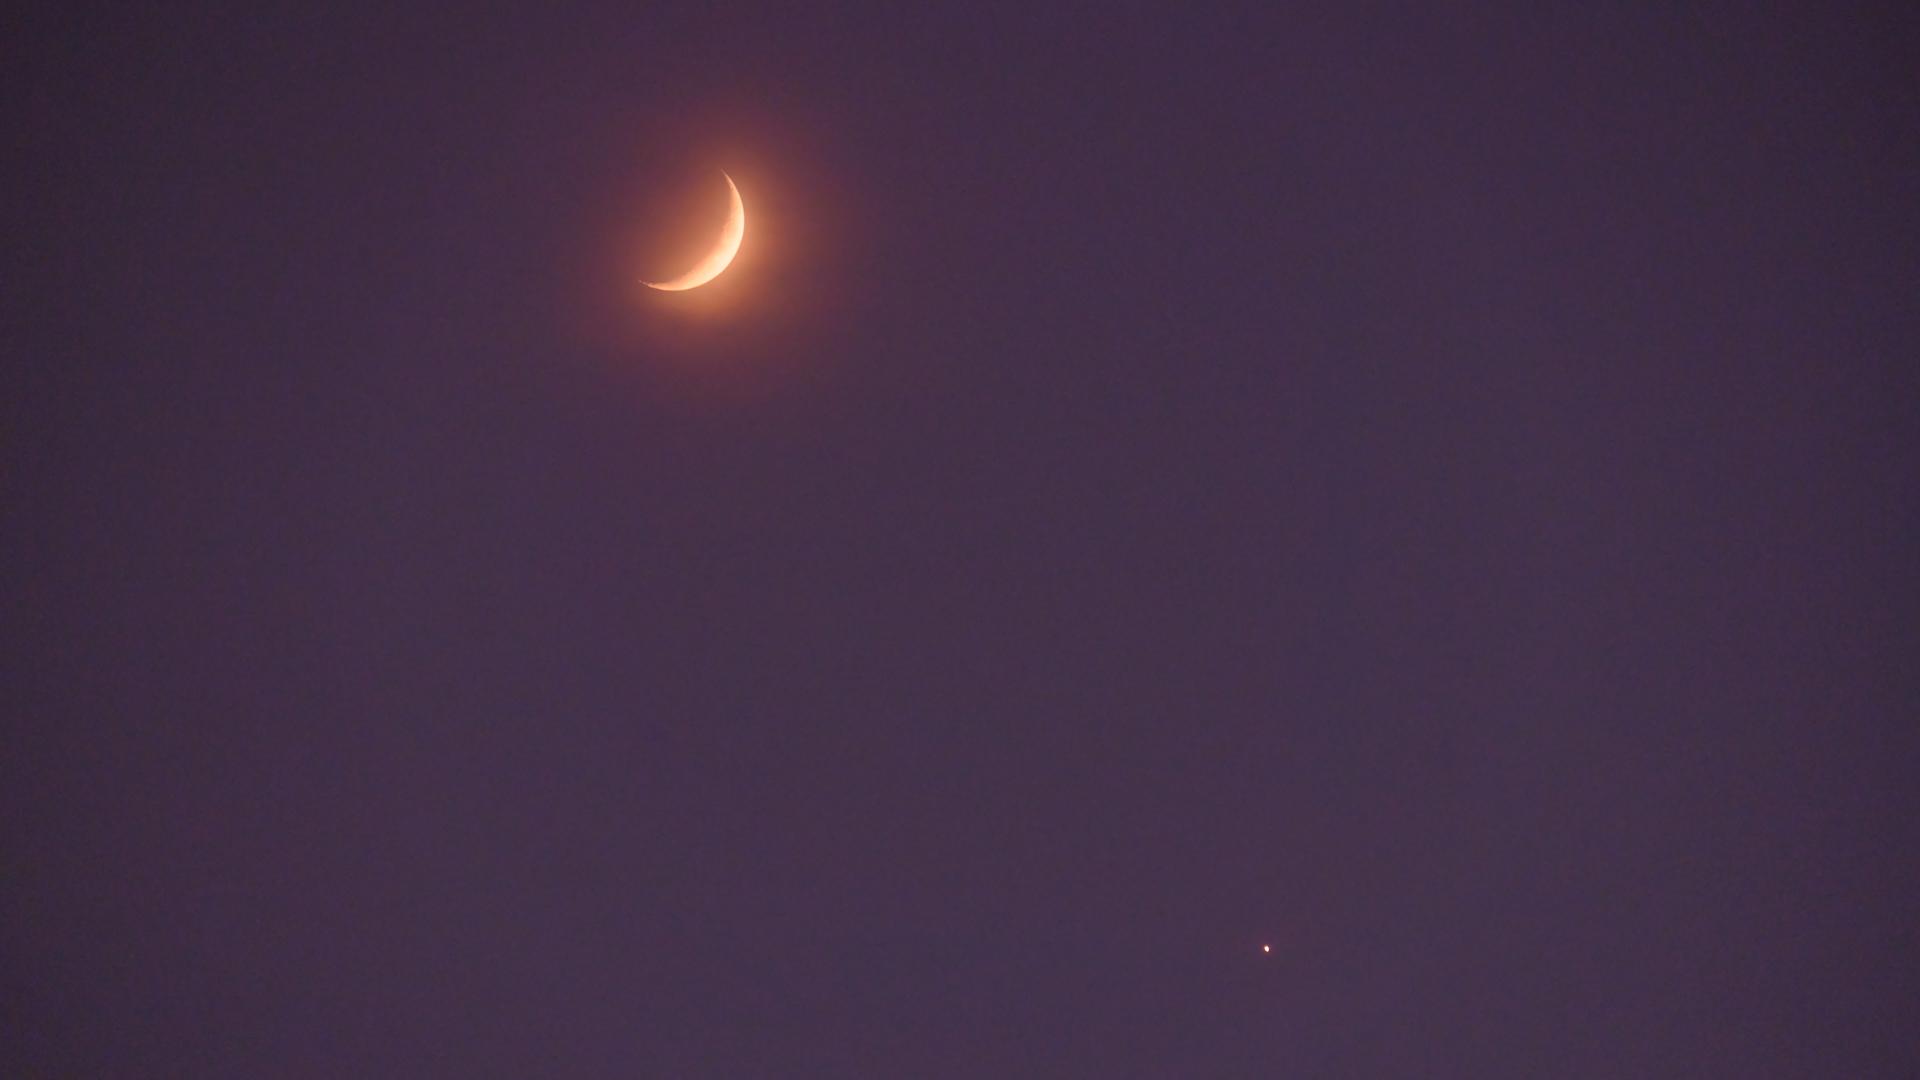 Ce samedi soir, ne manquez pas le beau croisement entre la Lune et Vénus